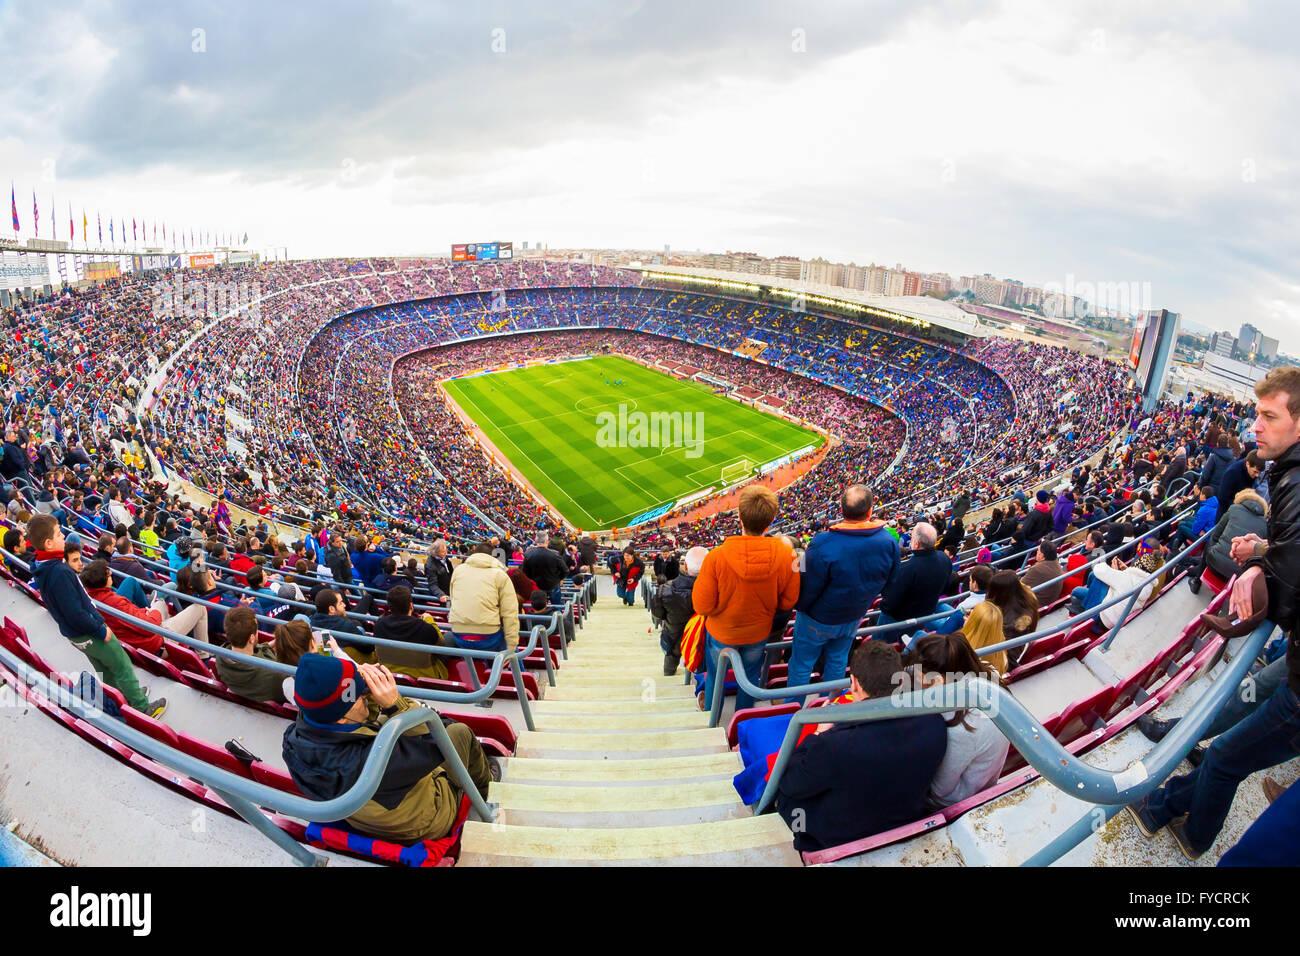 BARCELONA - FEB 21: Einen Überblick über das Stadion Camp Nou im Fußballspiel zwischen Futbol Club Stockbild